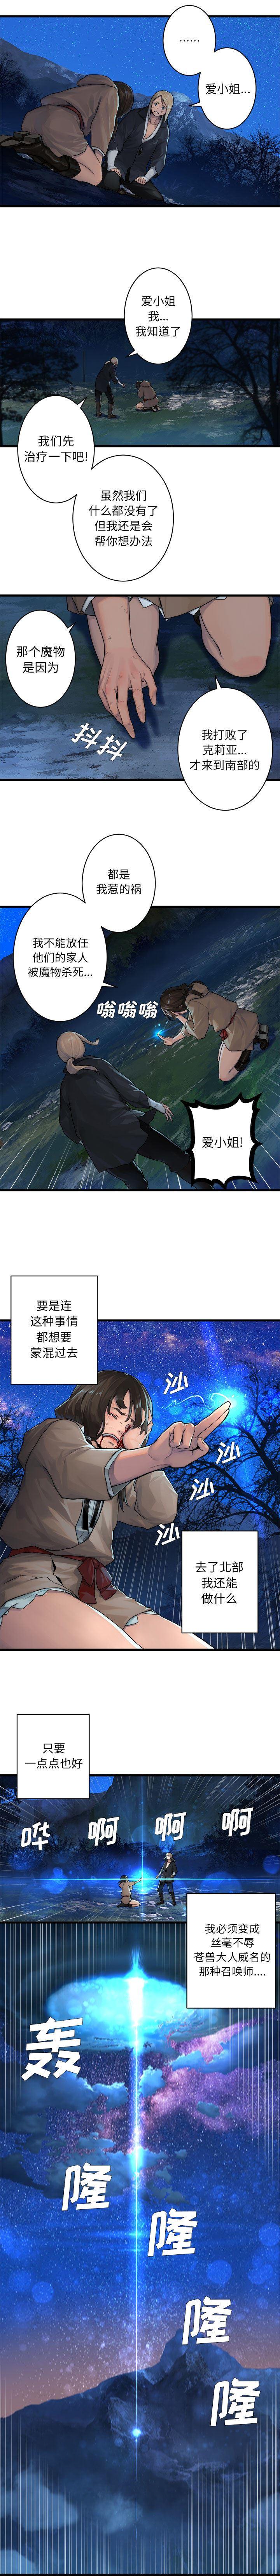 她的召唤兽-她的召唤兽:29全彩韩漫标签